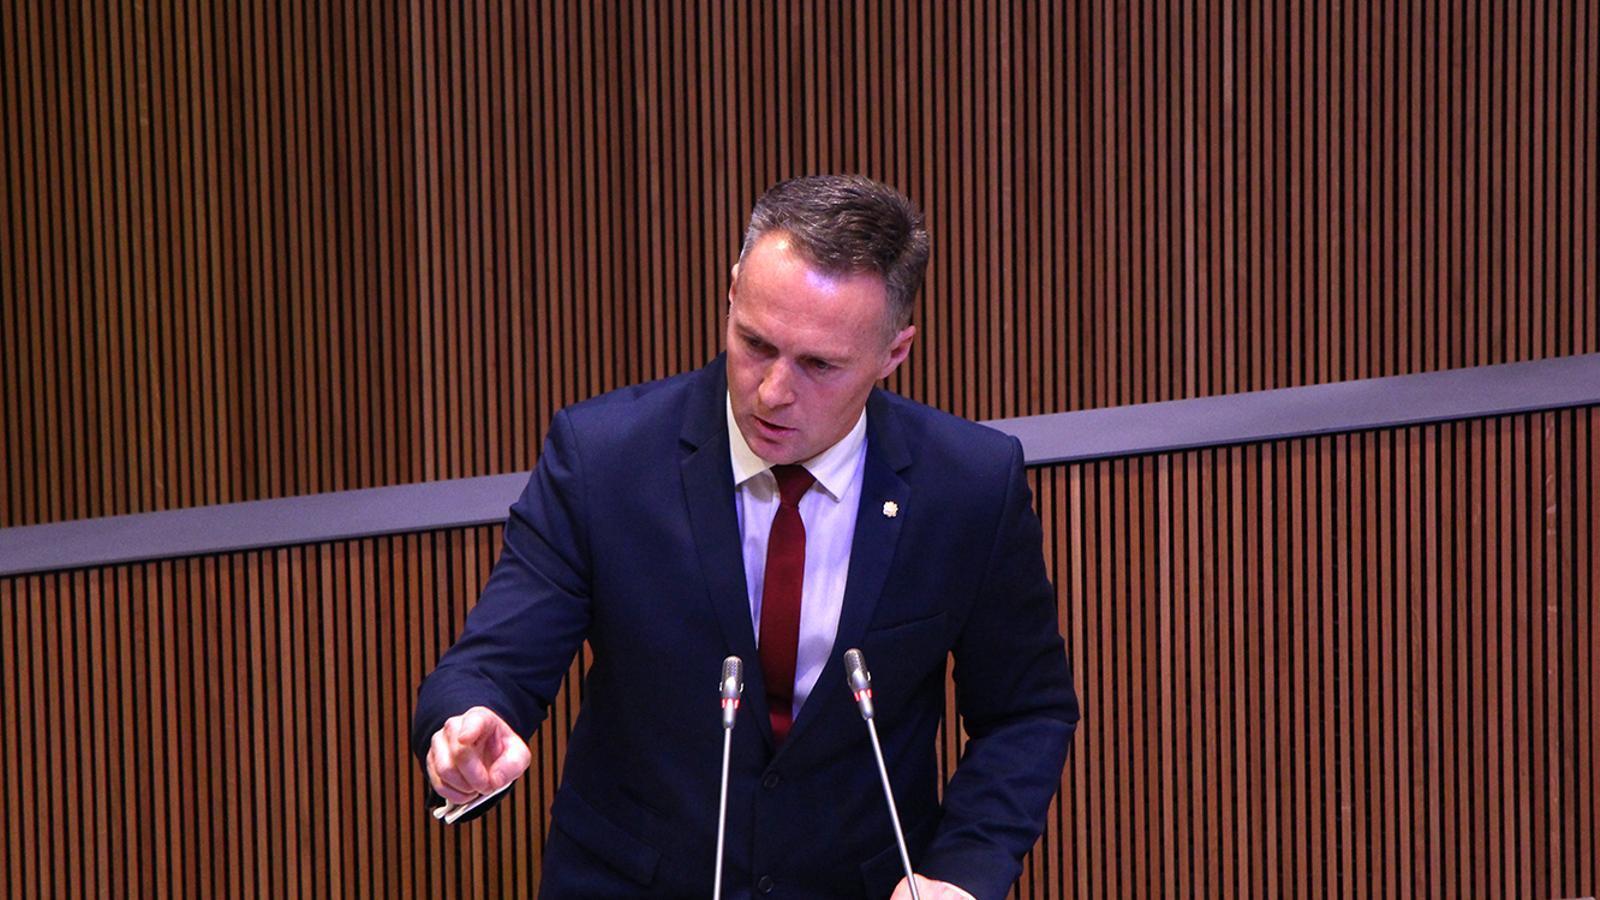 El president del grup parlamentari liberal, Ferran Costa. / C. A. (ANA)